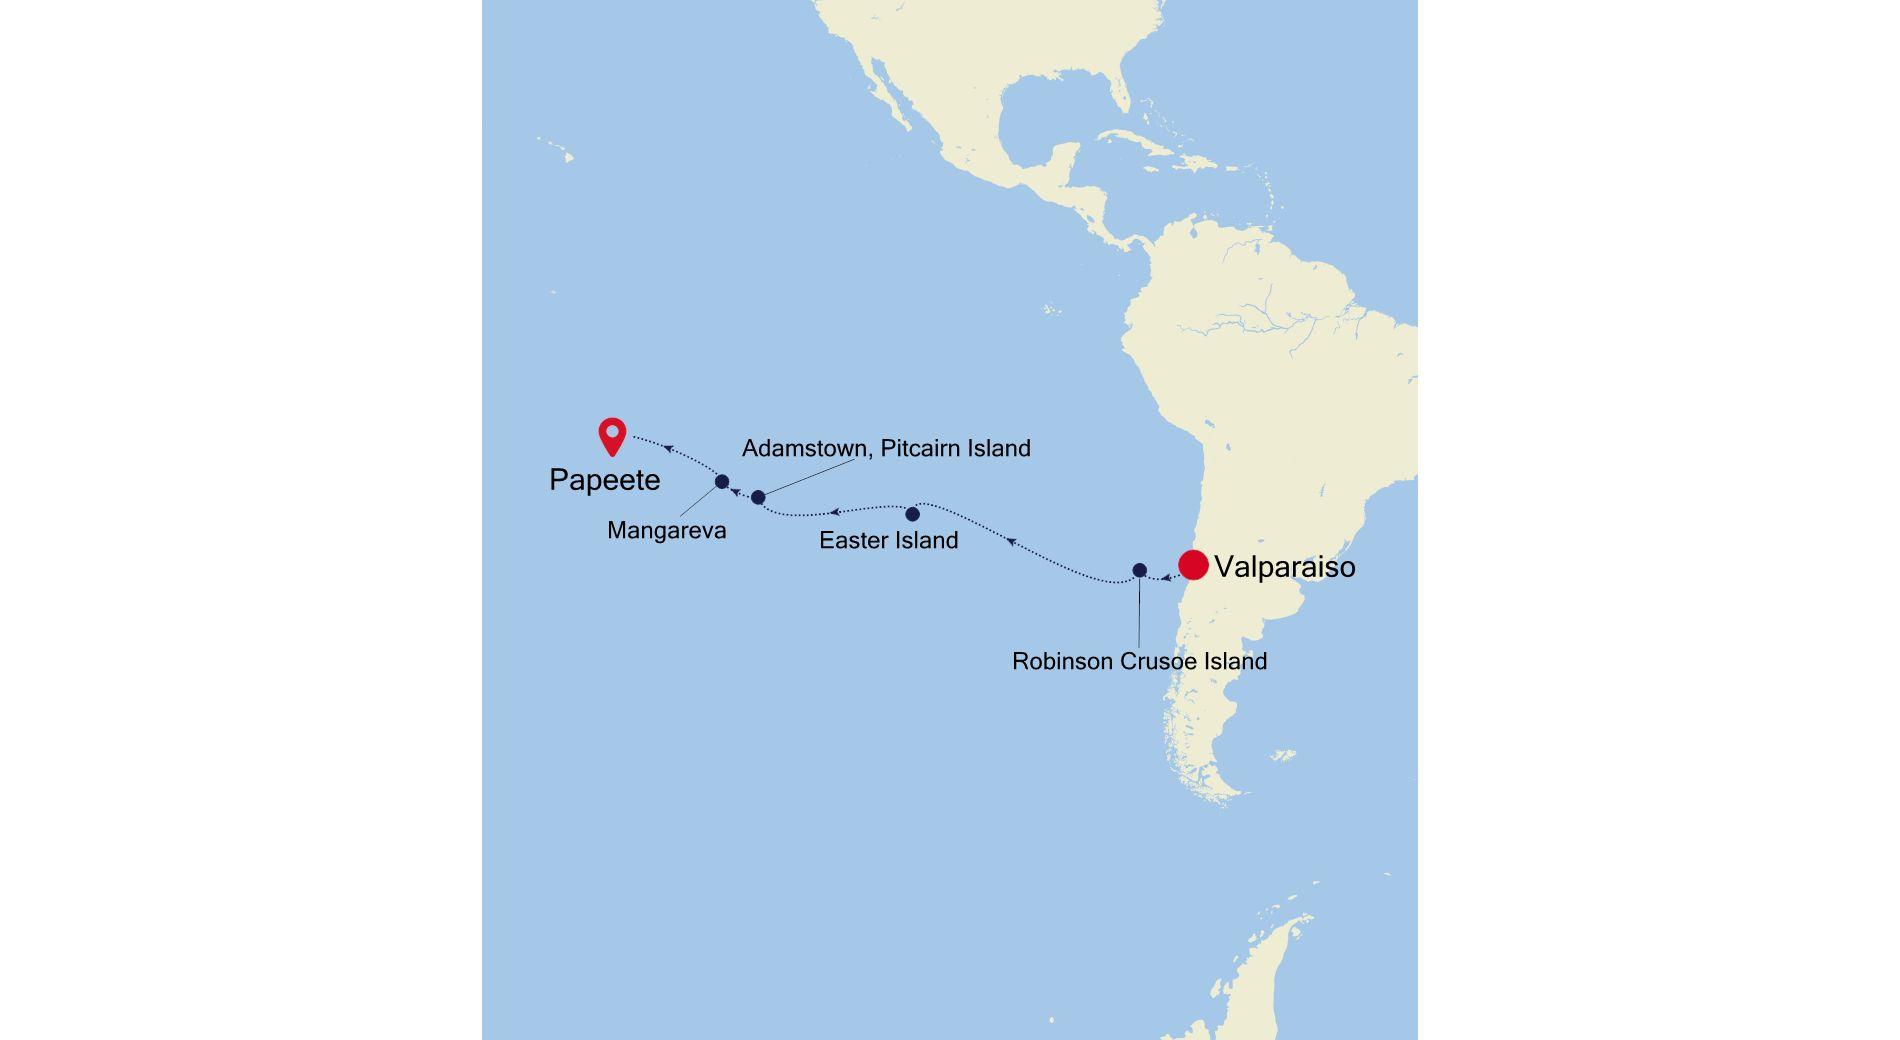 4003 - Valparaiso to Papeete